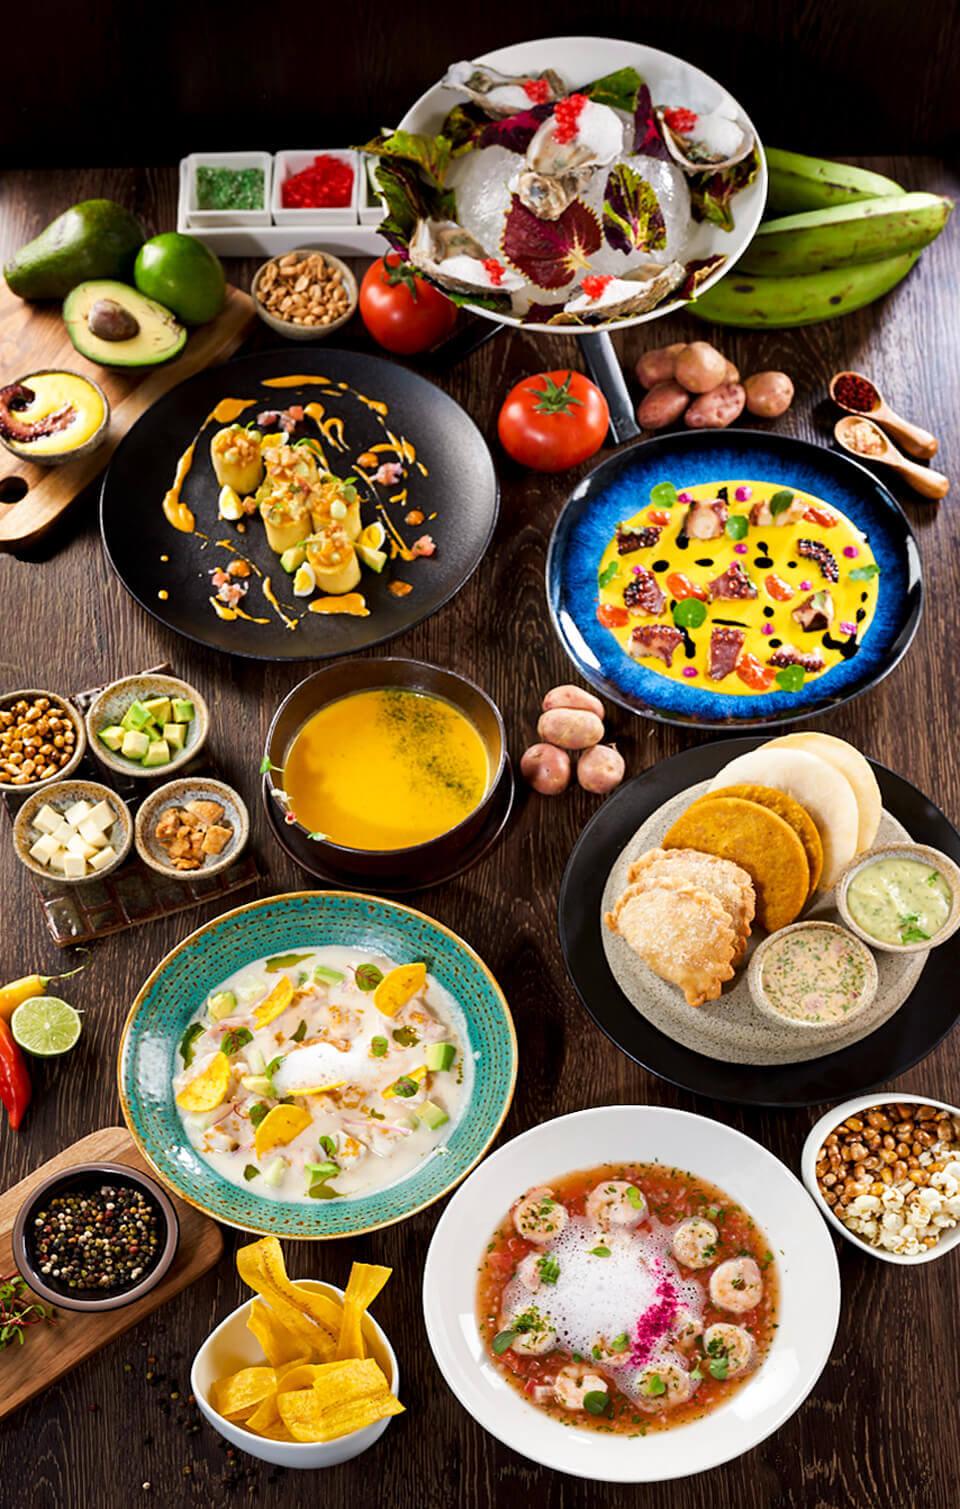 Casa Gangotena's staple dishes